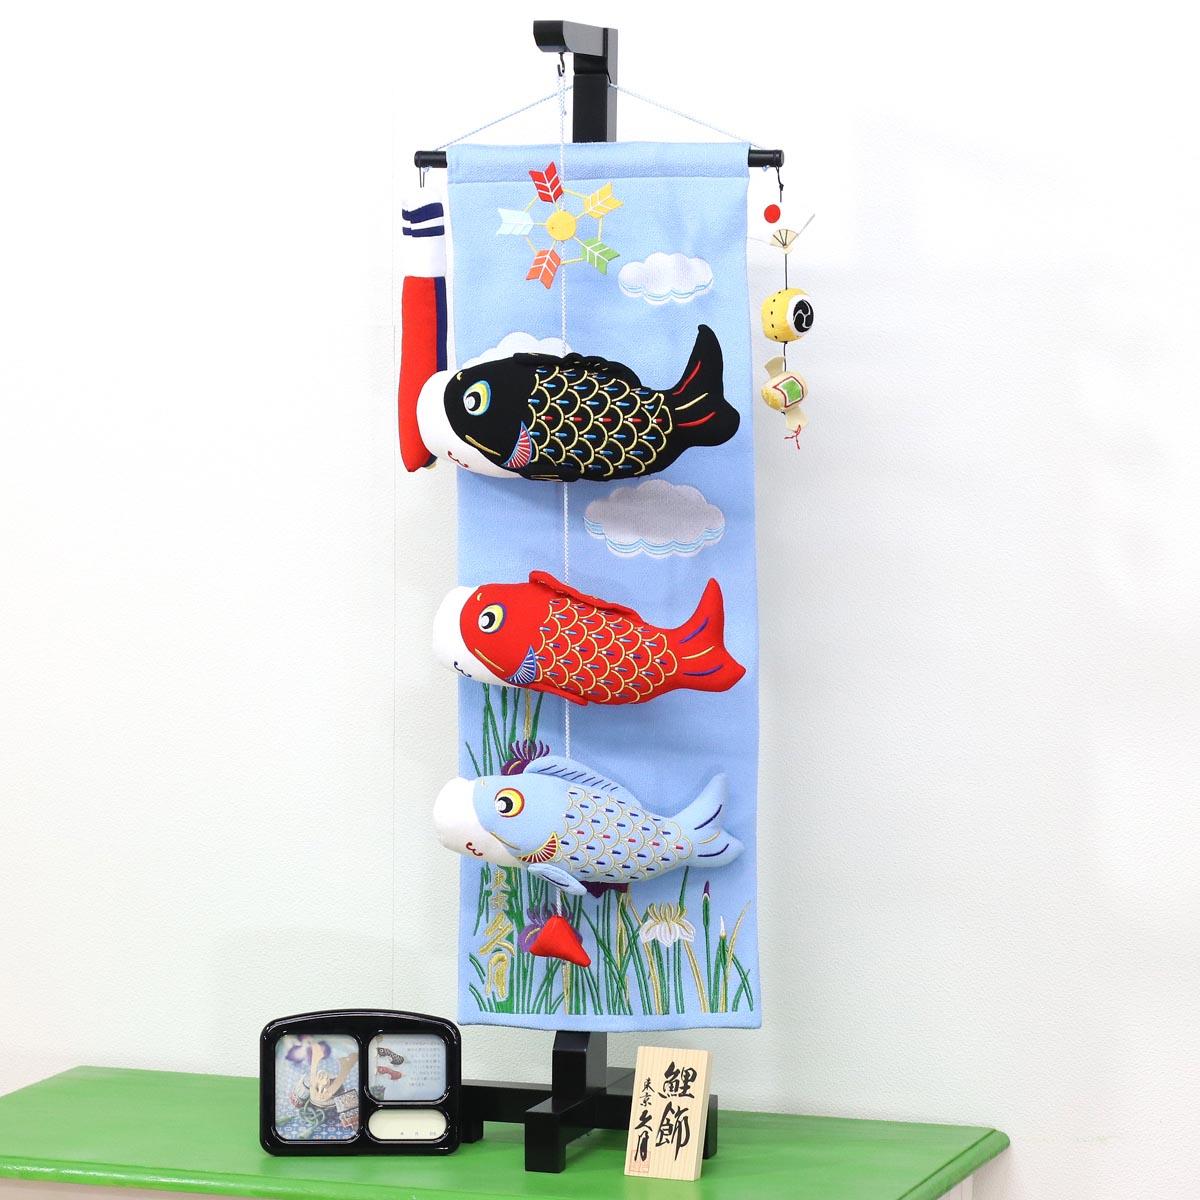 久月 室内 鯉のぼり タペストリー オルゴール付 TRS-Q-TAK-8送料無料 ※北海道 沖縄は除く おしゃれ で かわいい つるし飾り 吊るし飾り 室内用 こいのぼり で 端午の節句 こどもの日 のお祝いに